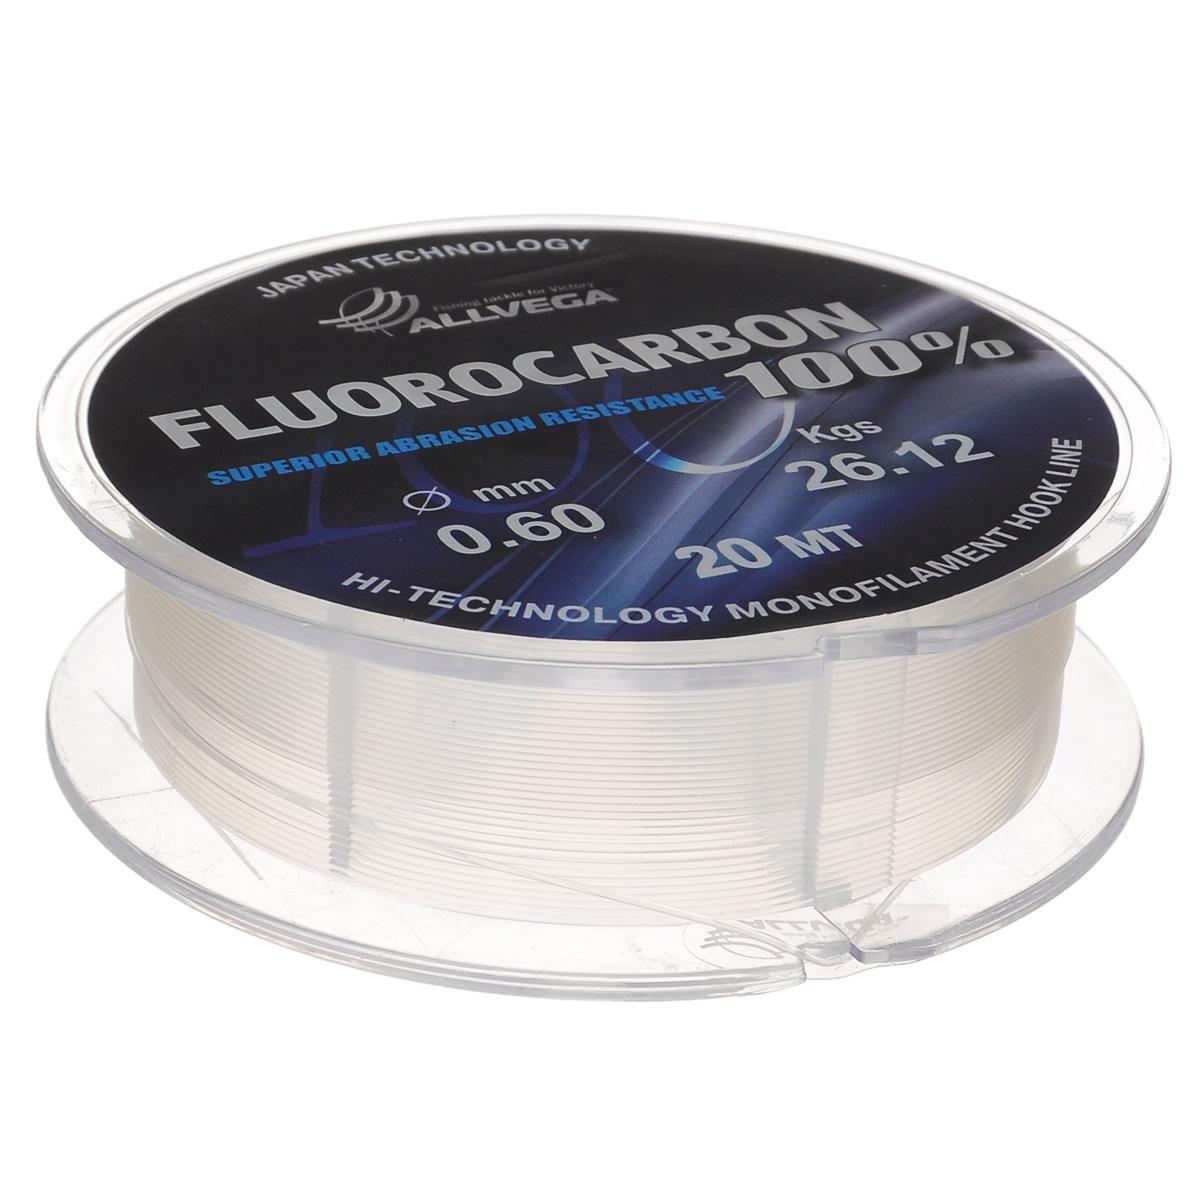 Леска Allvega FX Fluorocarbon 100%, цвет: прозрачный, 20 м, 0,6 мм, 26,12 кг36268Allvega FX Fluorocarbon 100% имеет коэффициент преломления света, близкий к коэффициенту преломления света воды, поэтому эта леска незаметна в воде и незаменима во многих случаях. Широко используется в качестве поводковой лески, как для мирных рыб, так и для хищников. Кроме прозрачности, так же обладает высокой устойчивостью к внешним механическим воздействиям, таким как камни, песок, ракушечник, зубы хищников. Обладает малой растяжимостью, что позволяет более четко определять поклевку и просекать рыбу.